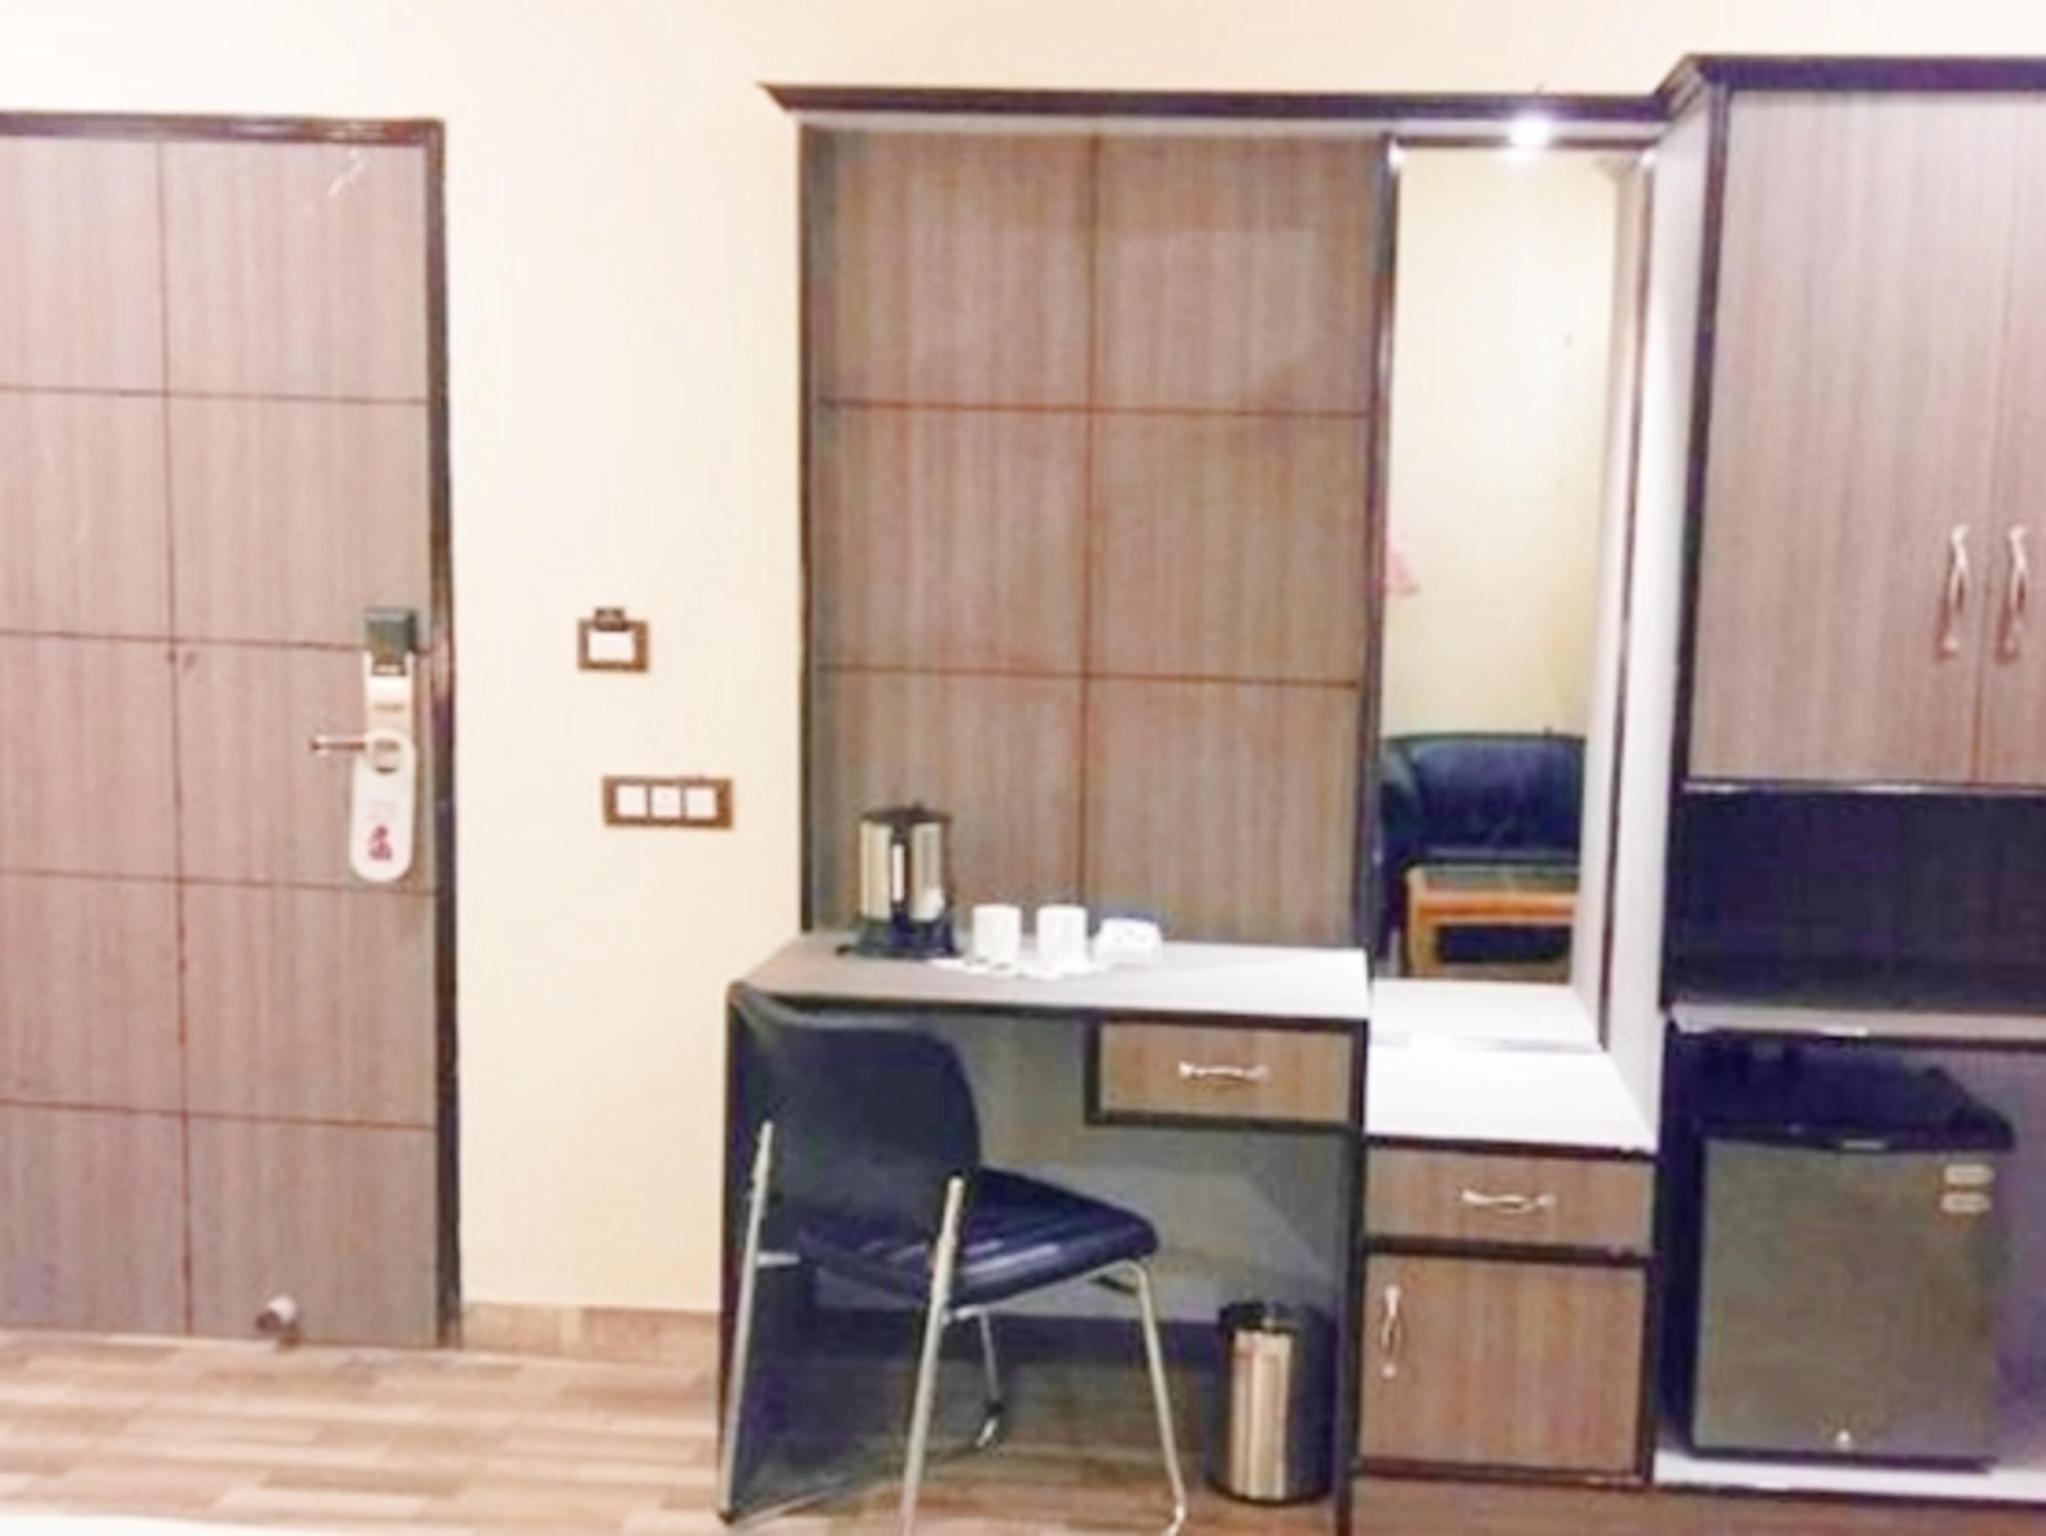 Price GenX Plaza-Mughalsarai